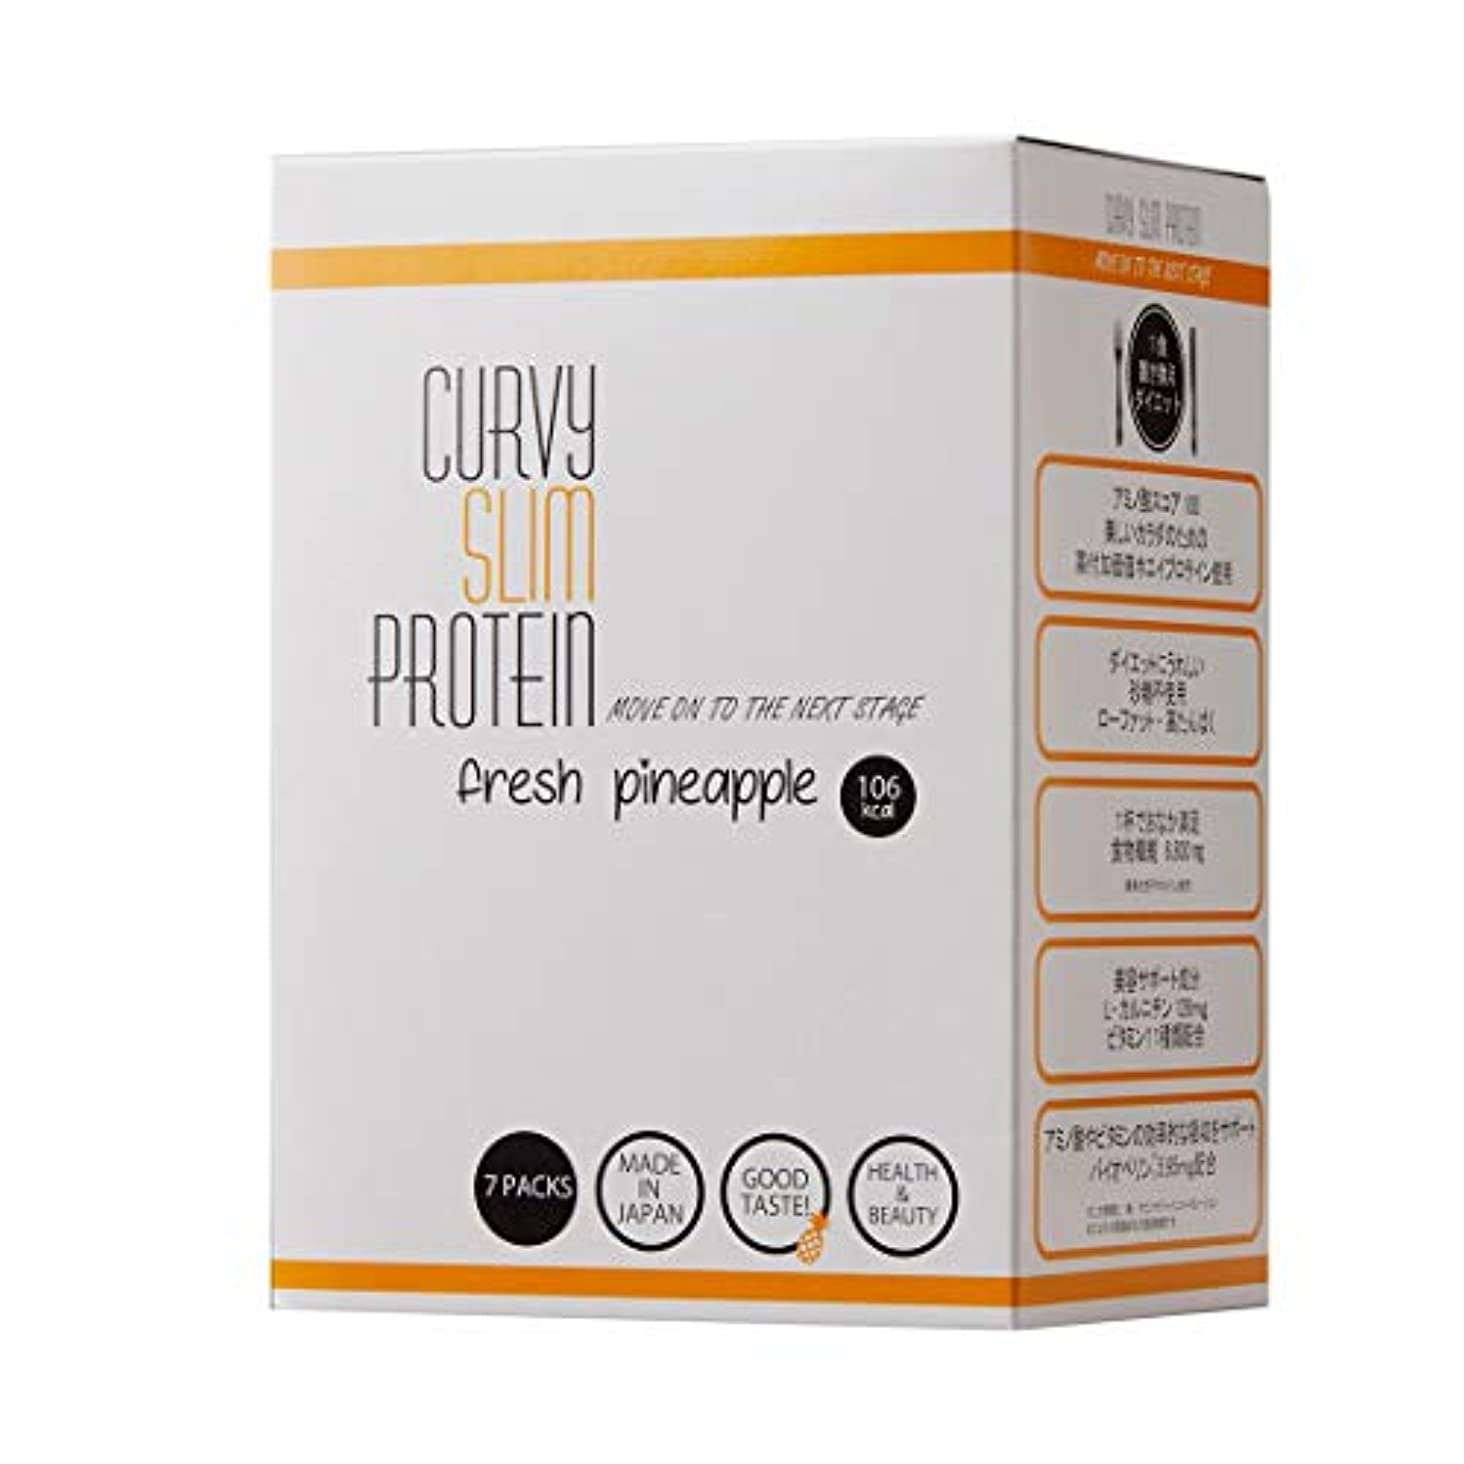 締めるそばにフクロウカーヴィースリム® プロテイン フレッシュパイナップル 置き換え ダイエット 7包(7食分)